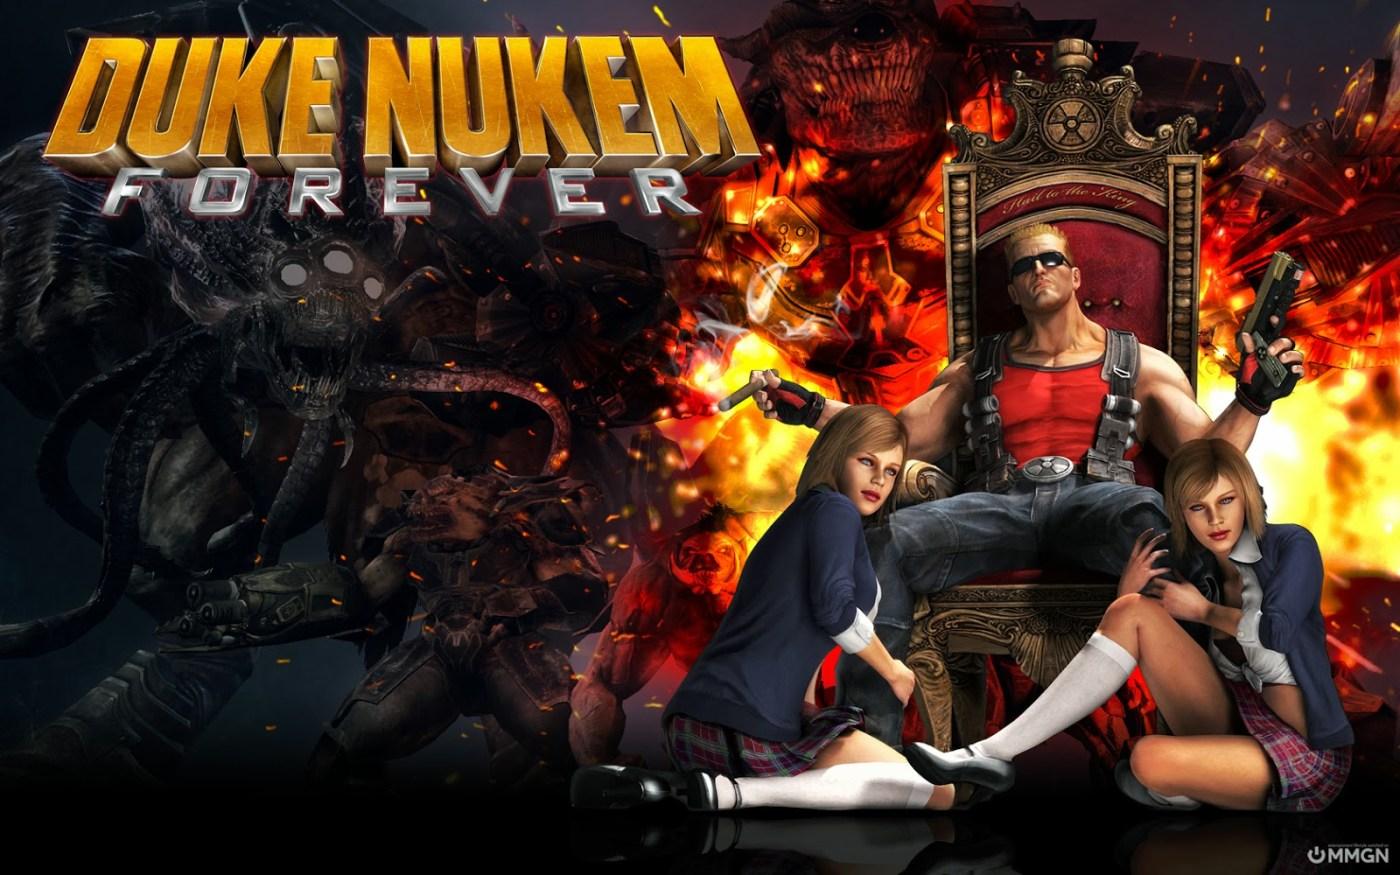 Duke-Nukem-Forever-wallpaper2